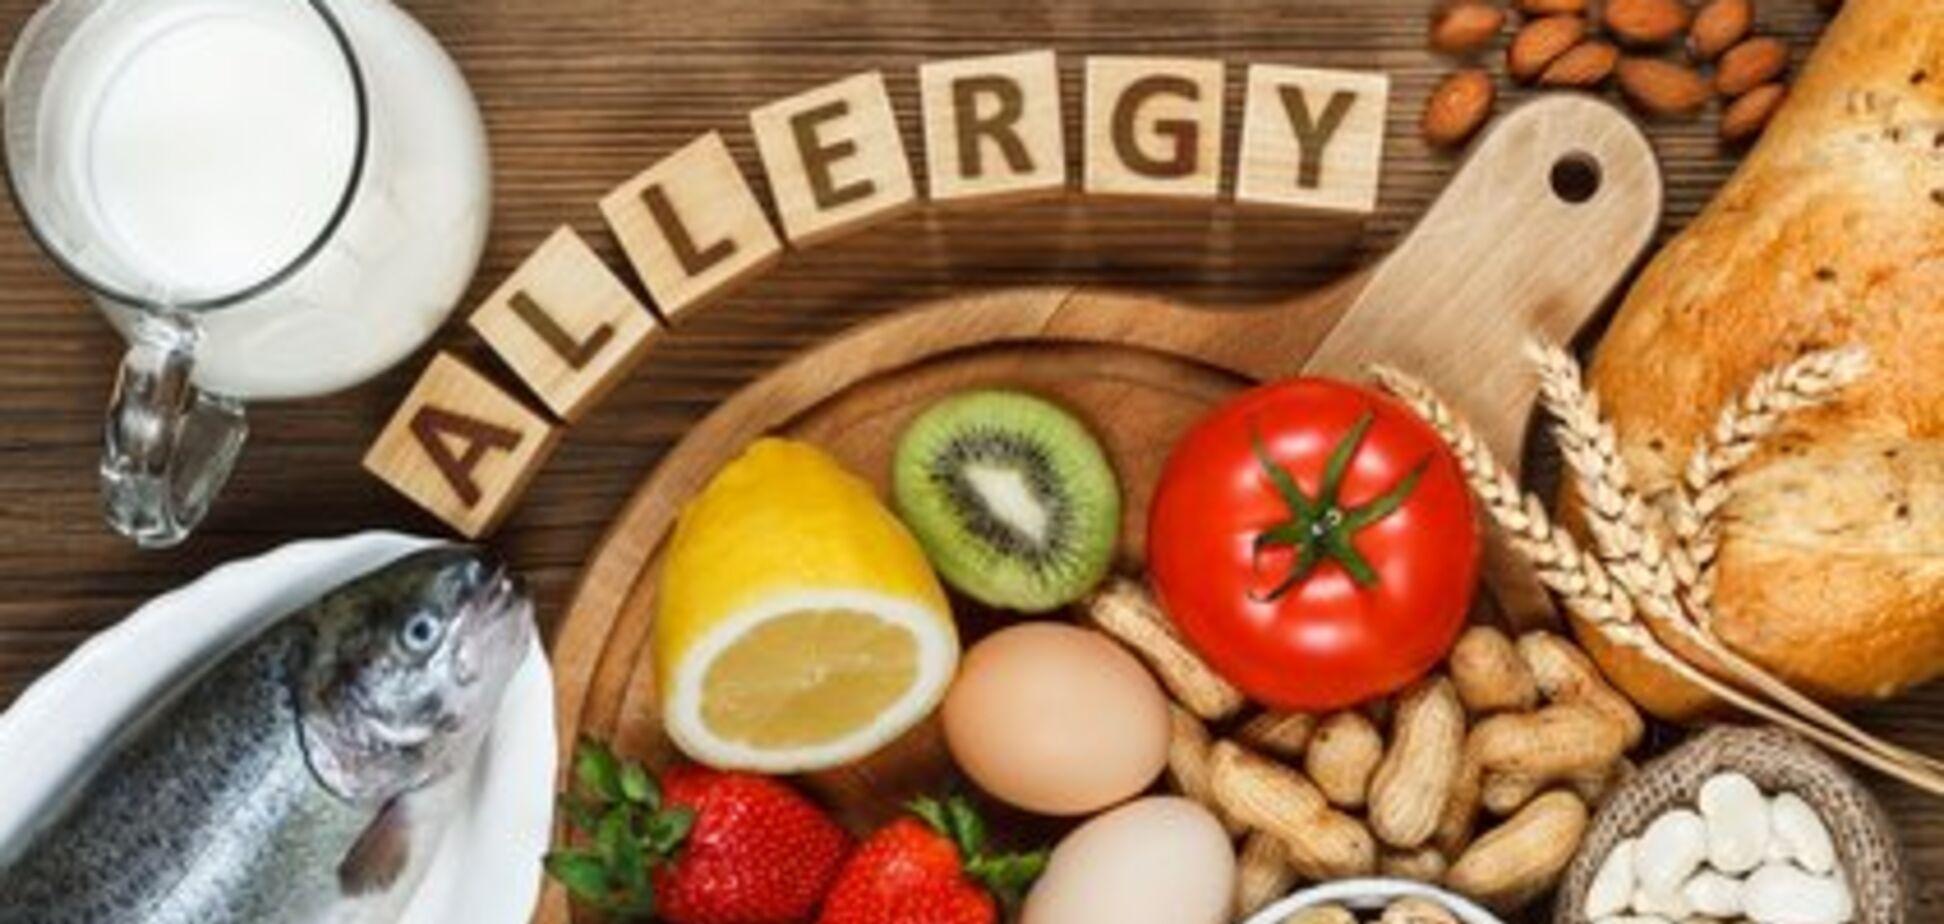 Врач назвала топ-8 продуктов, вызывающих аллергию